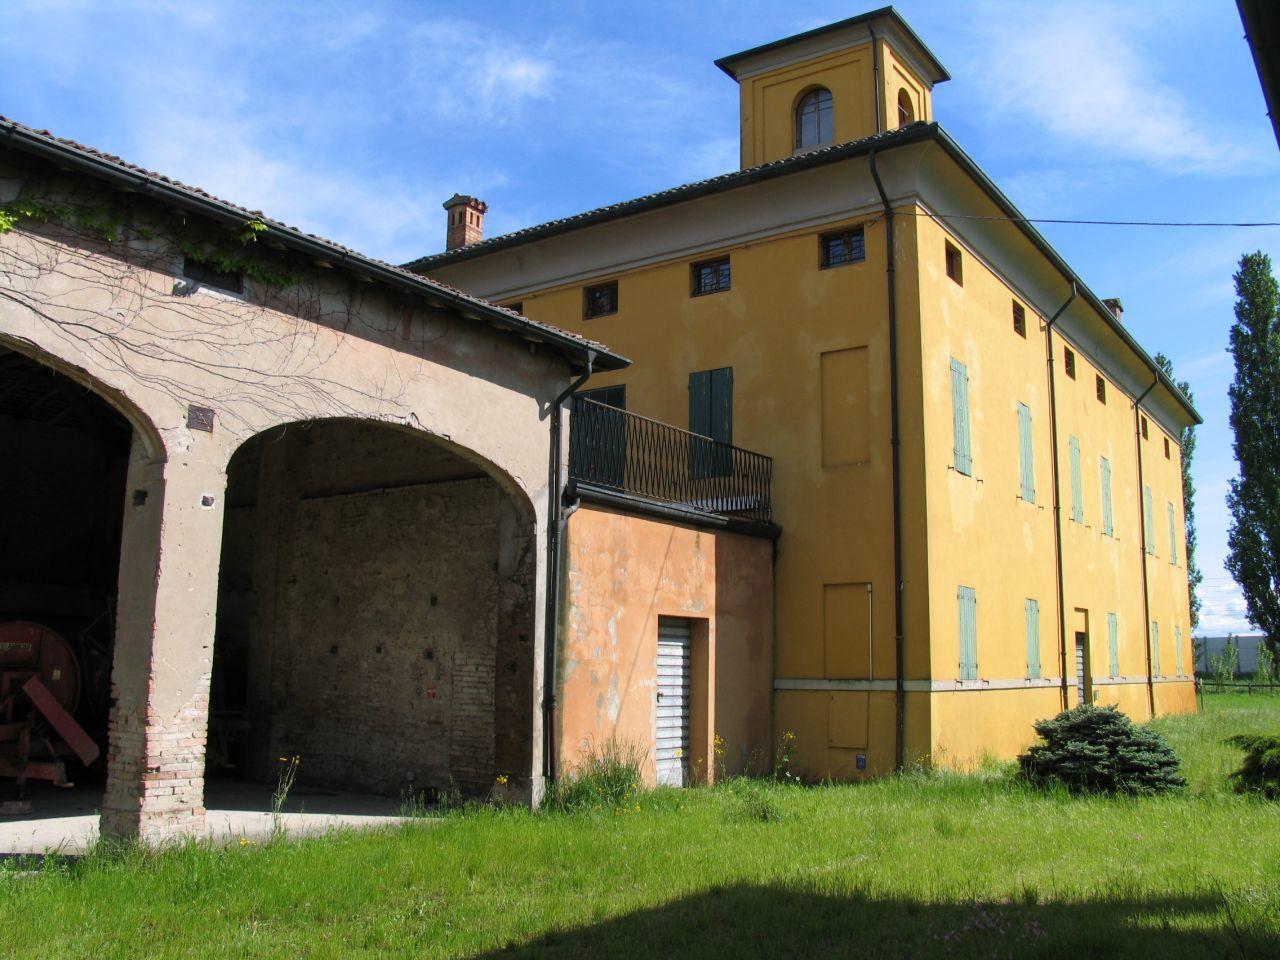 Rustico / Casale in vendita a Parma, 20 locali, prezzo € 650.000 | Cambio Casa.it